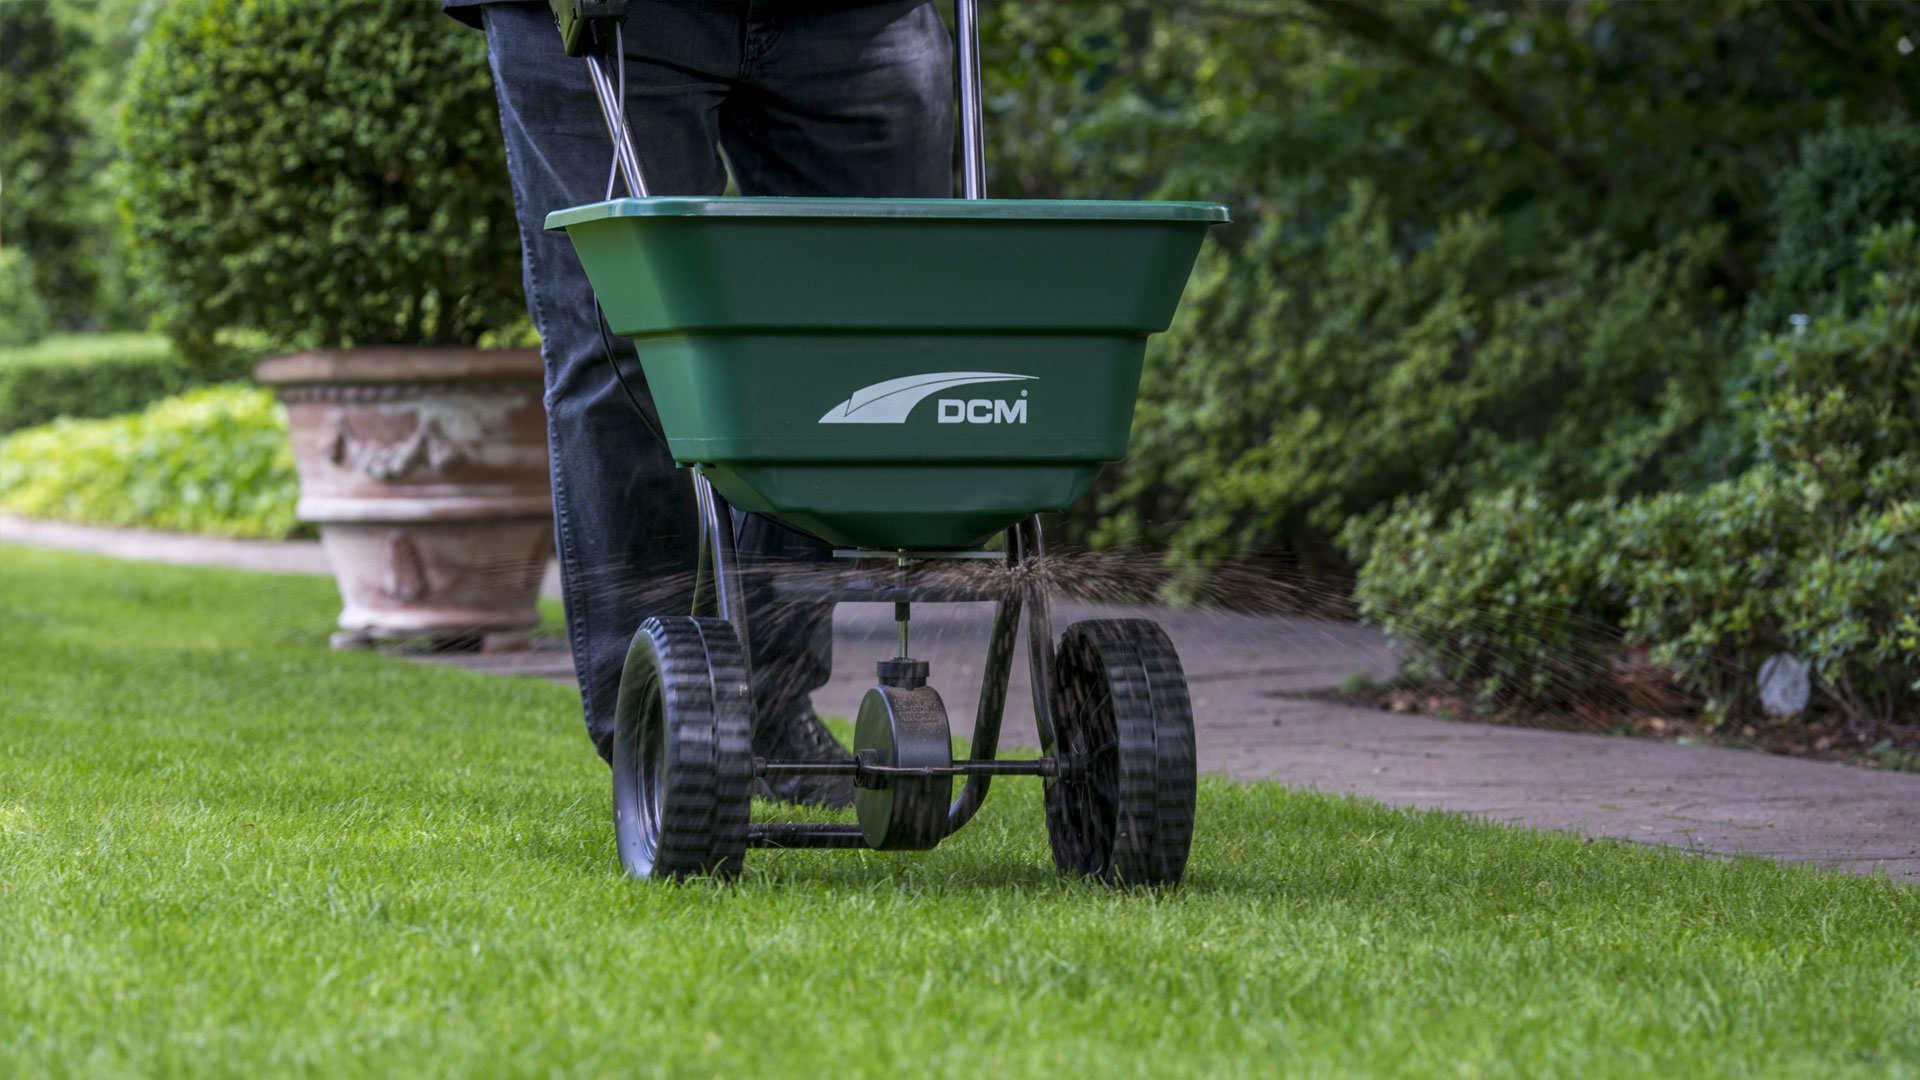 Streueinstellungen für CUXIN DCM-Rasenprodukte